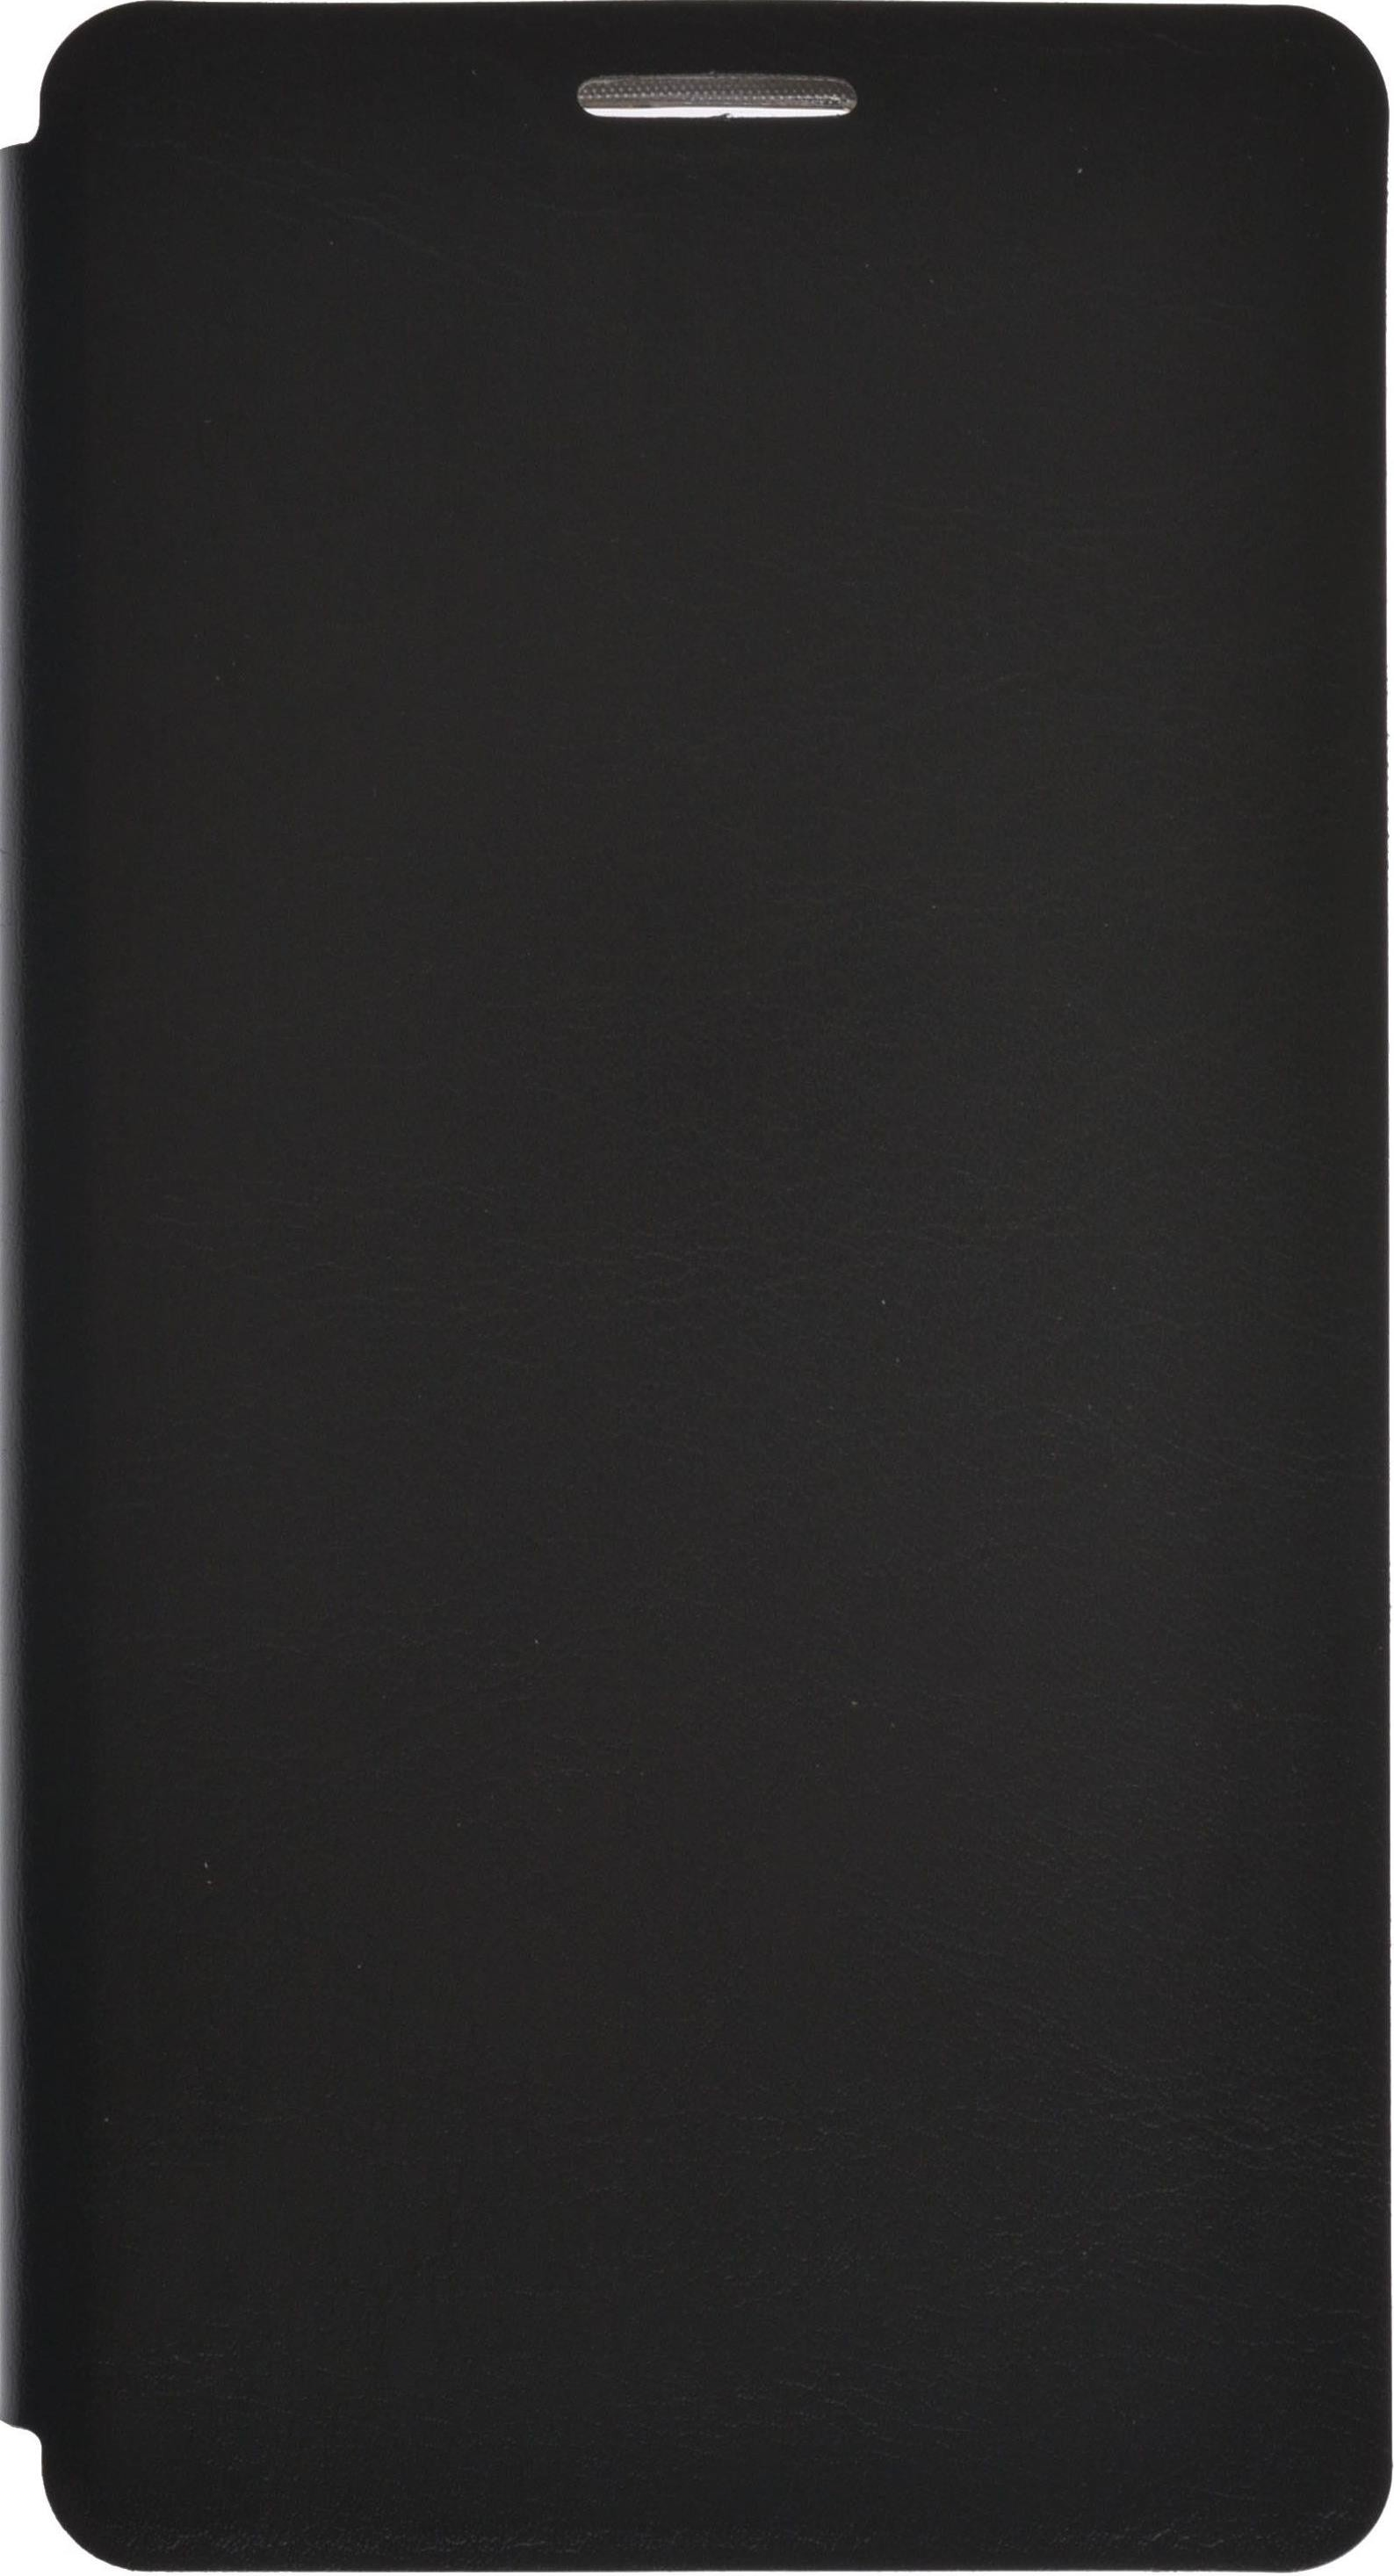 Чехол для сотового телефона skinBOX Lux, 4630042527508, черный все цены